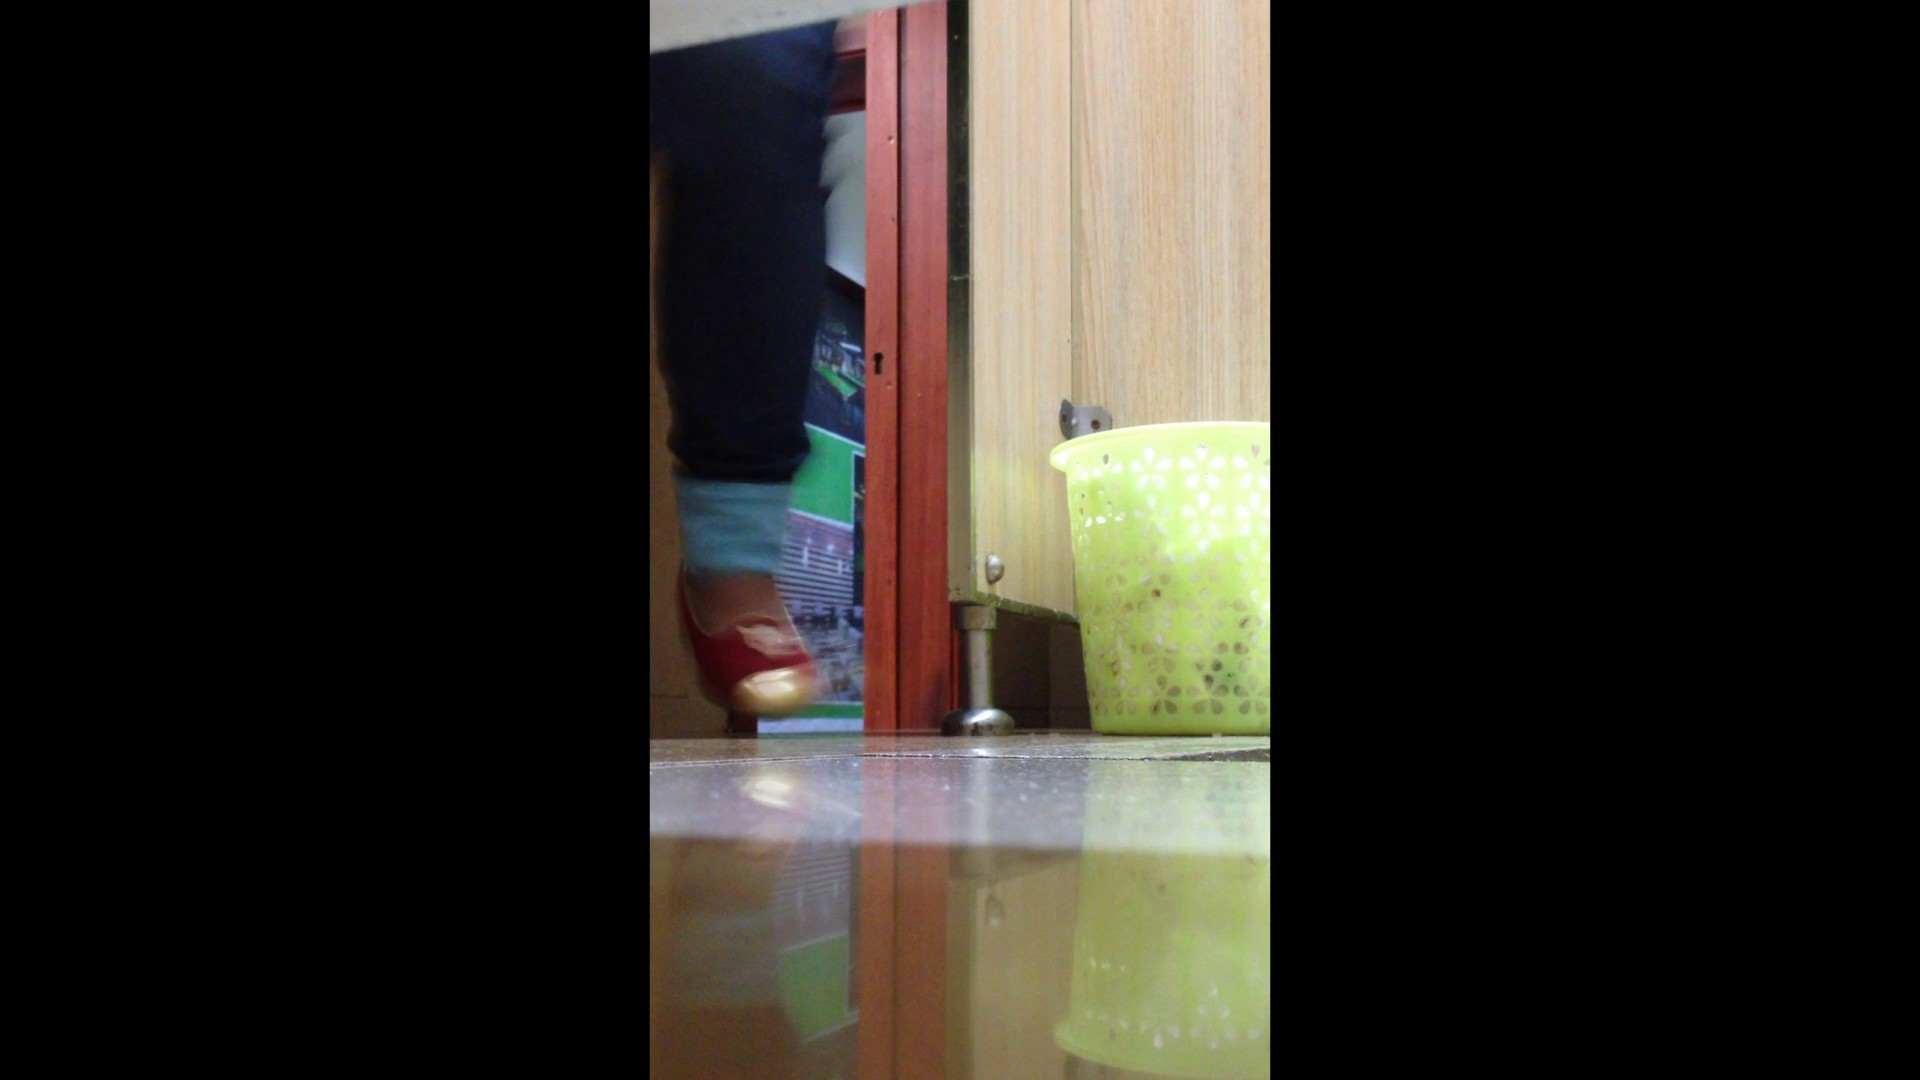 芸術大学ガチ潜入盗撮 JD盗撮 美女の洗面所の秘密 Vol.87 高評価 濡れ場動画紹介 110枚 105